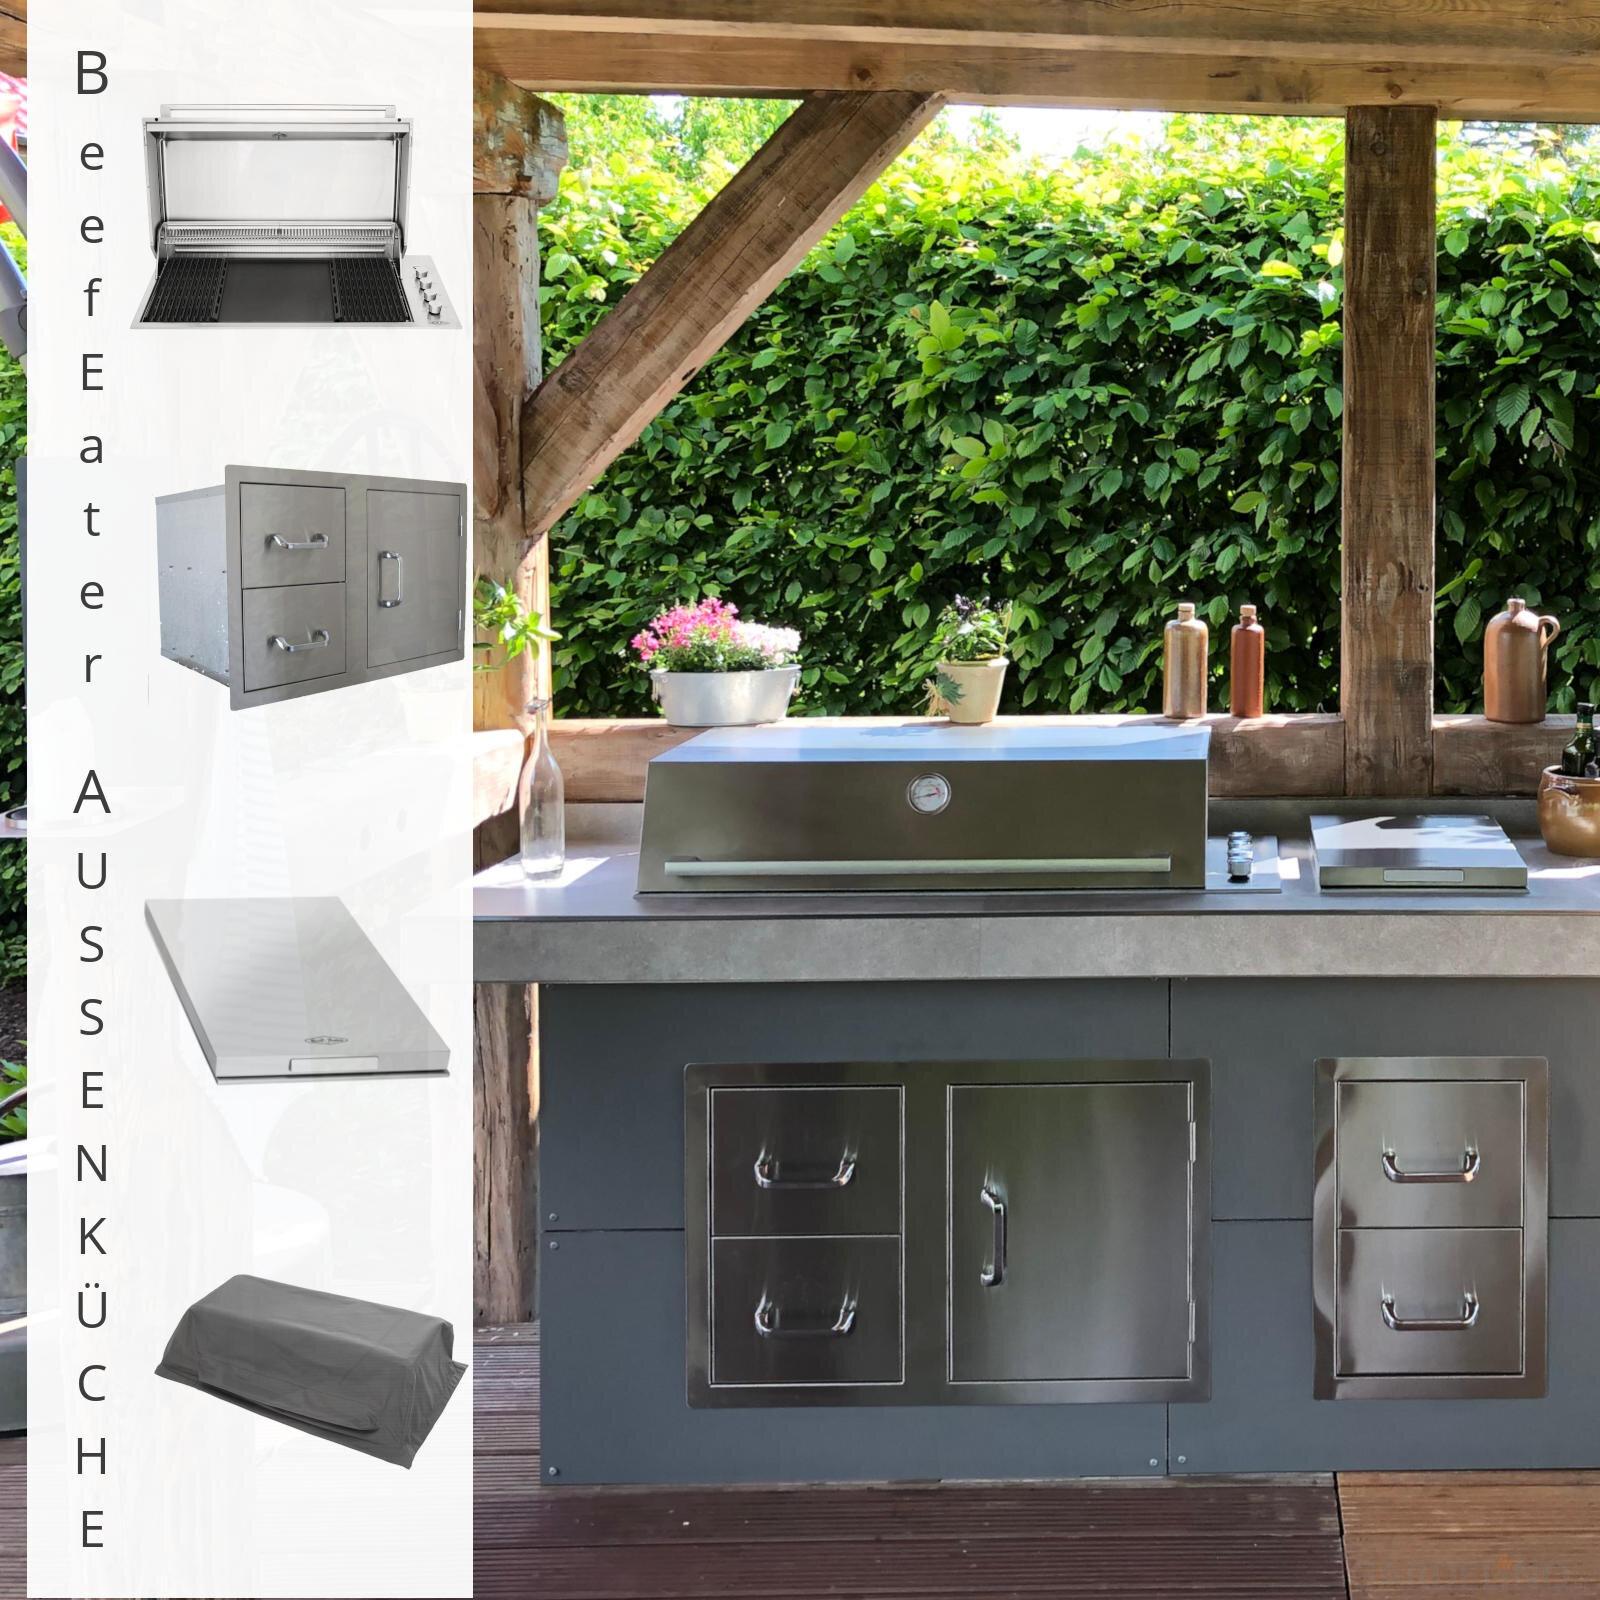 Ungewöhnlich Modulare Außenküche Rahmen Fotos - Familienfoto Kunst ...